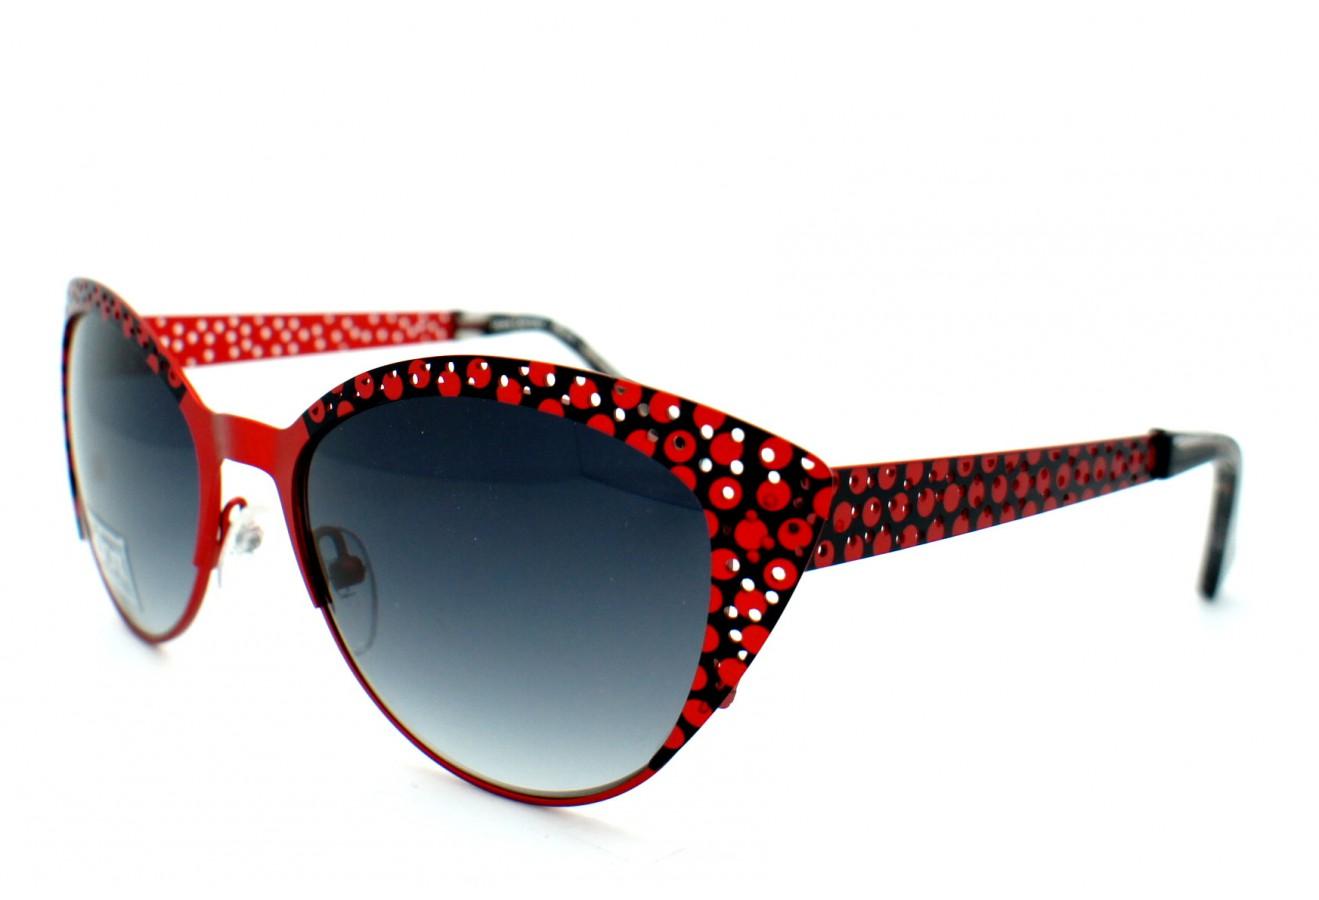 Lunettes Rouges Femme. fausses lunettes de vue rouge rouge achat ... 94bb9c8d4cb8